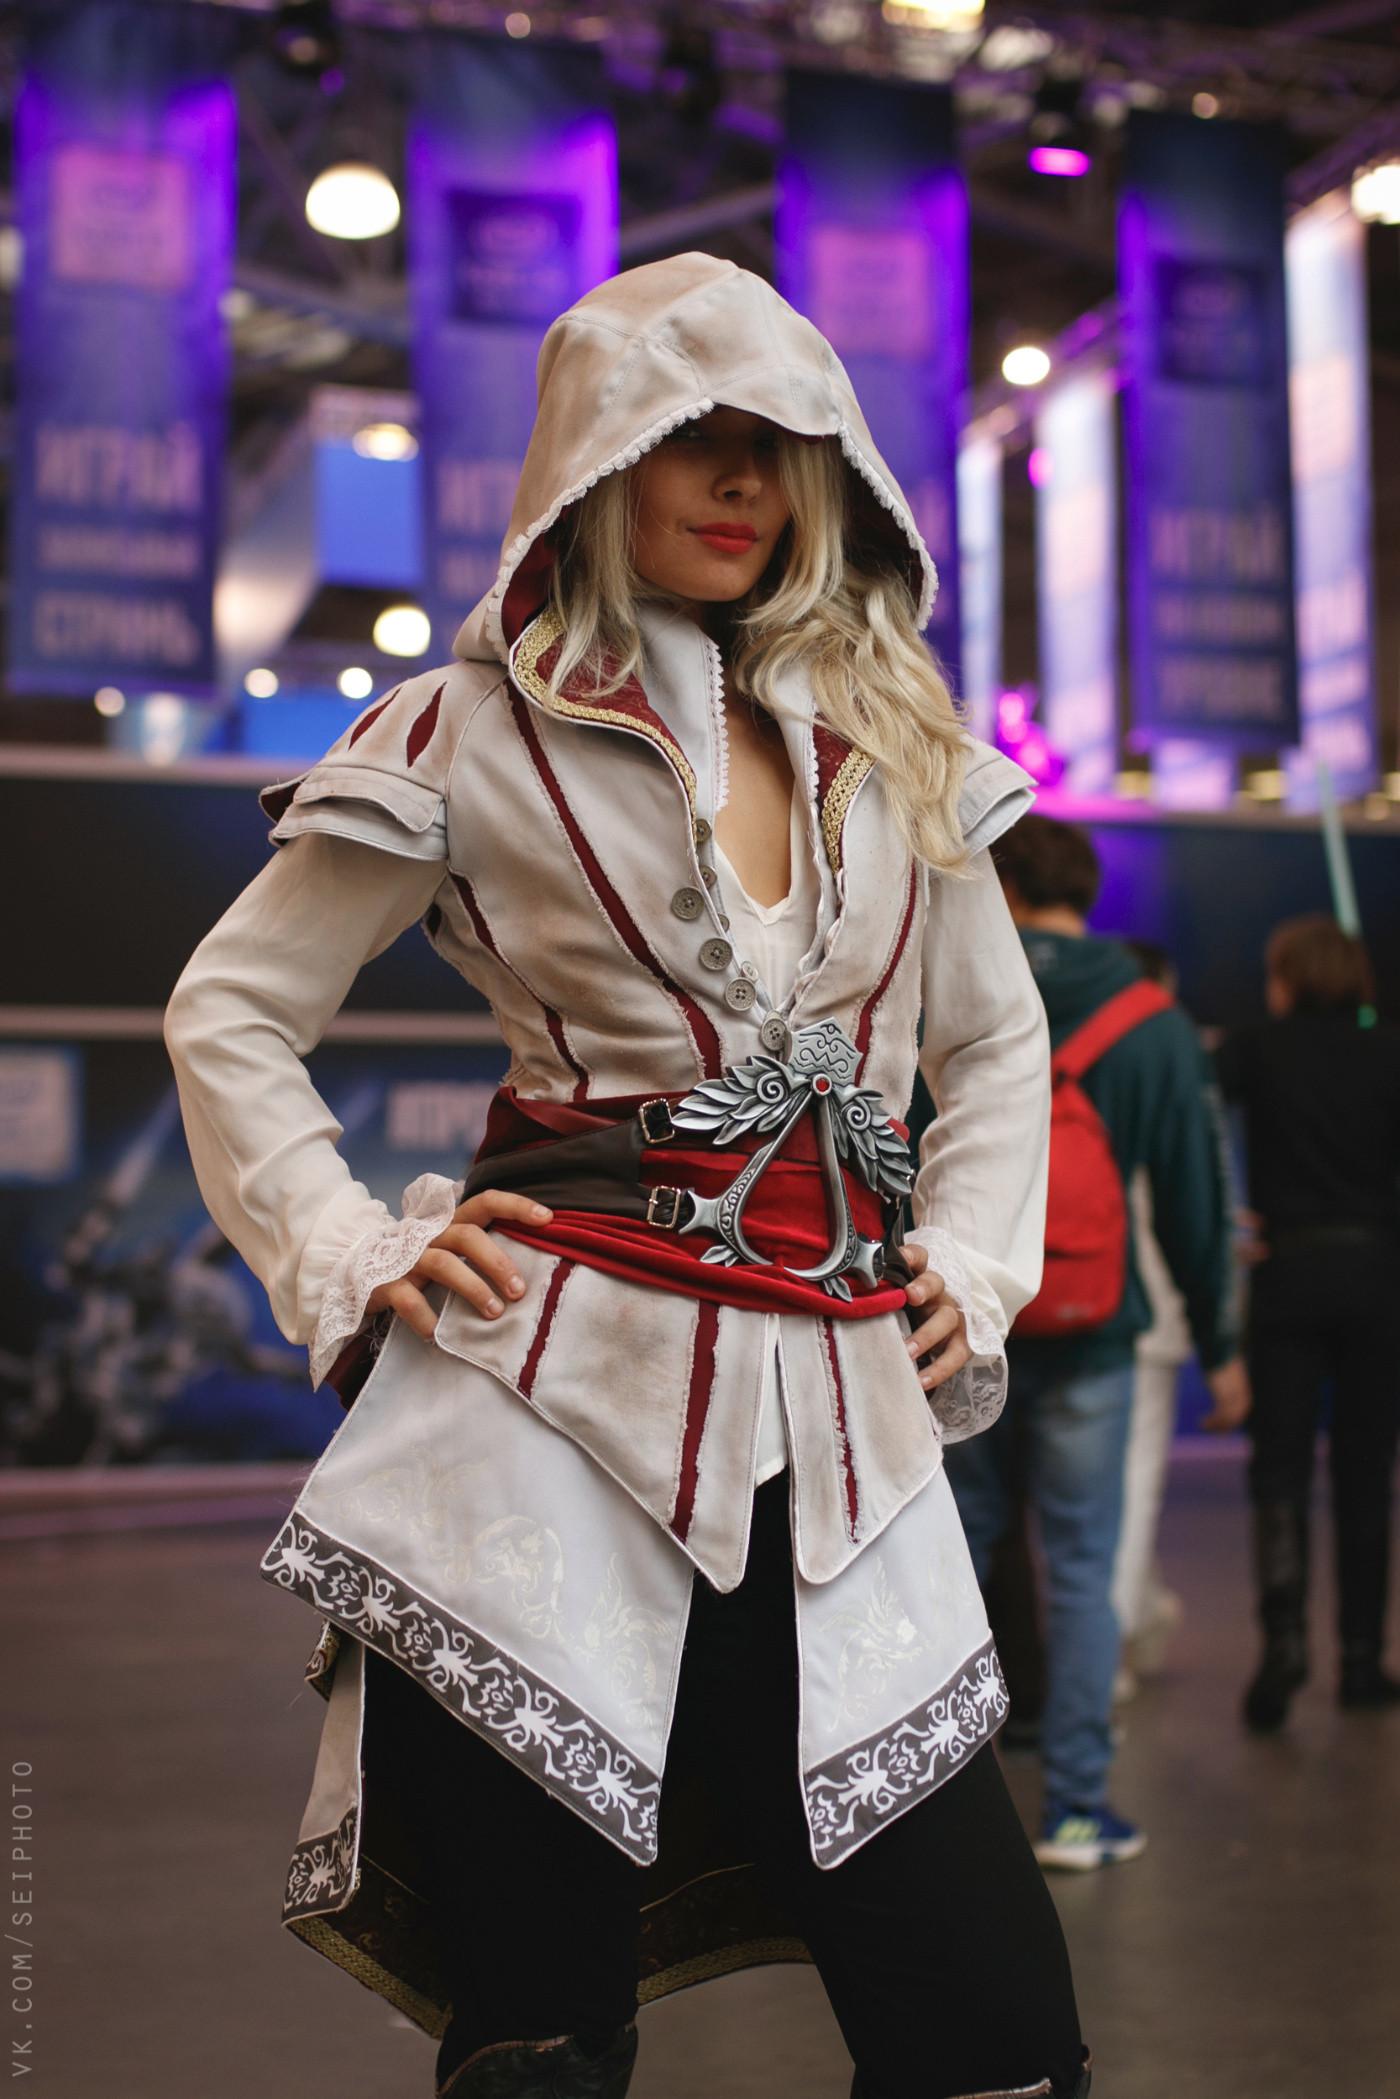 俄罗斯漫展现场Cos美图 满屏大长腿美女让人心动不已